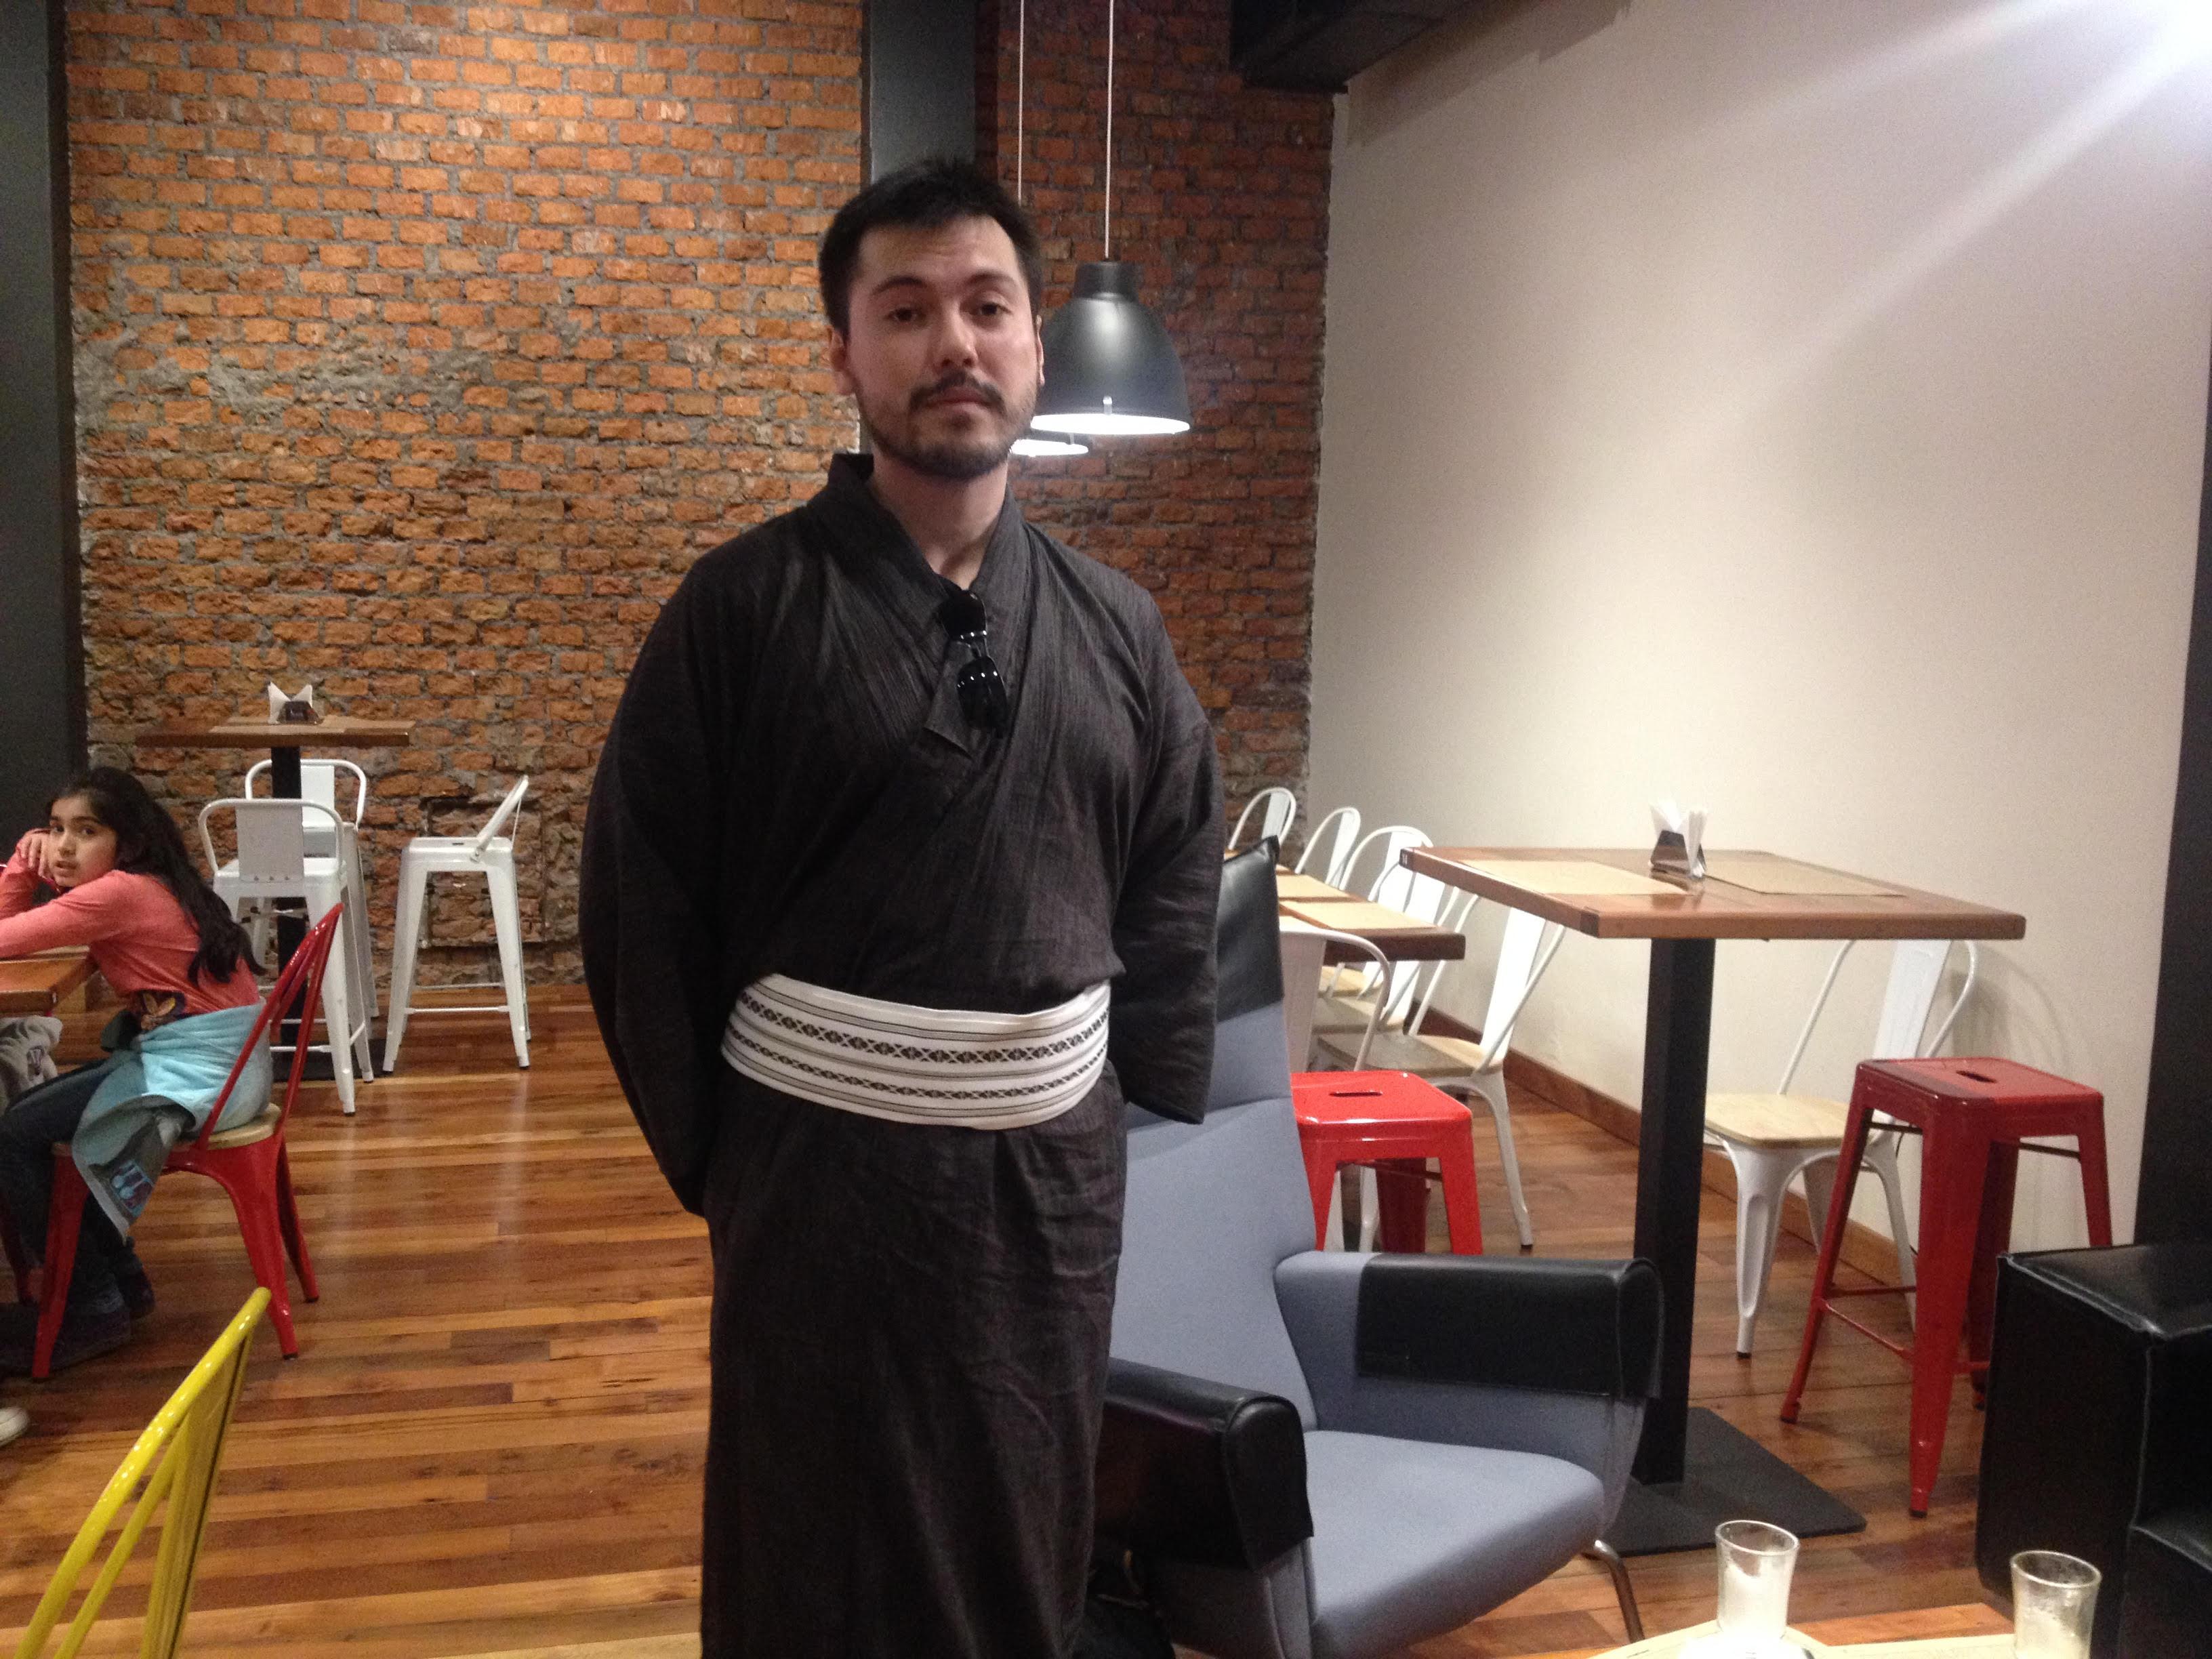 El joven Masami Hayashi posando en el café-salón Los Gioco | BBCL